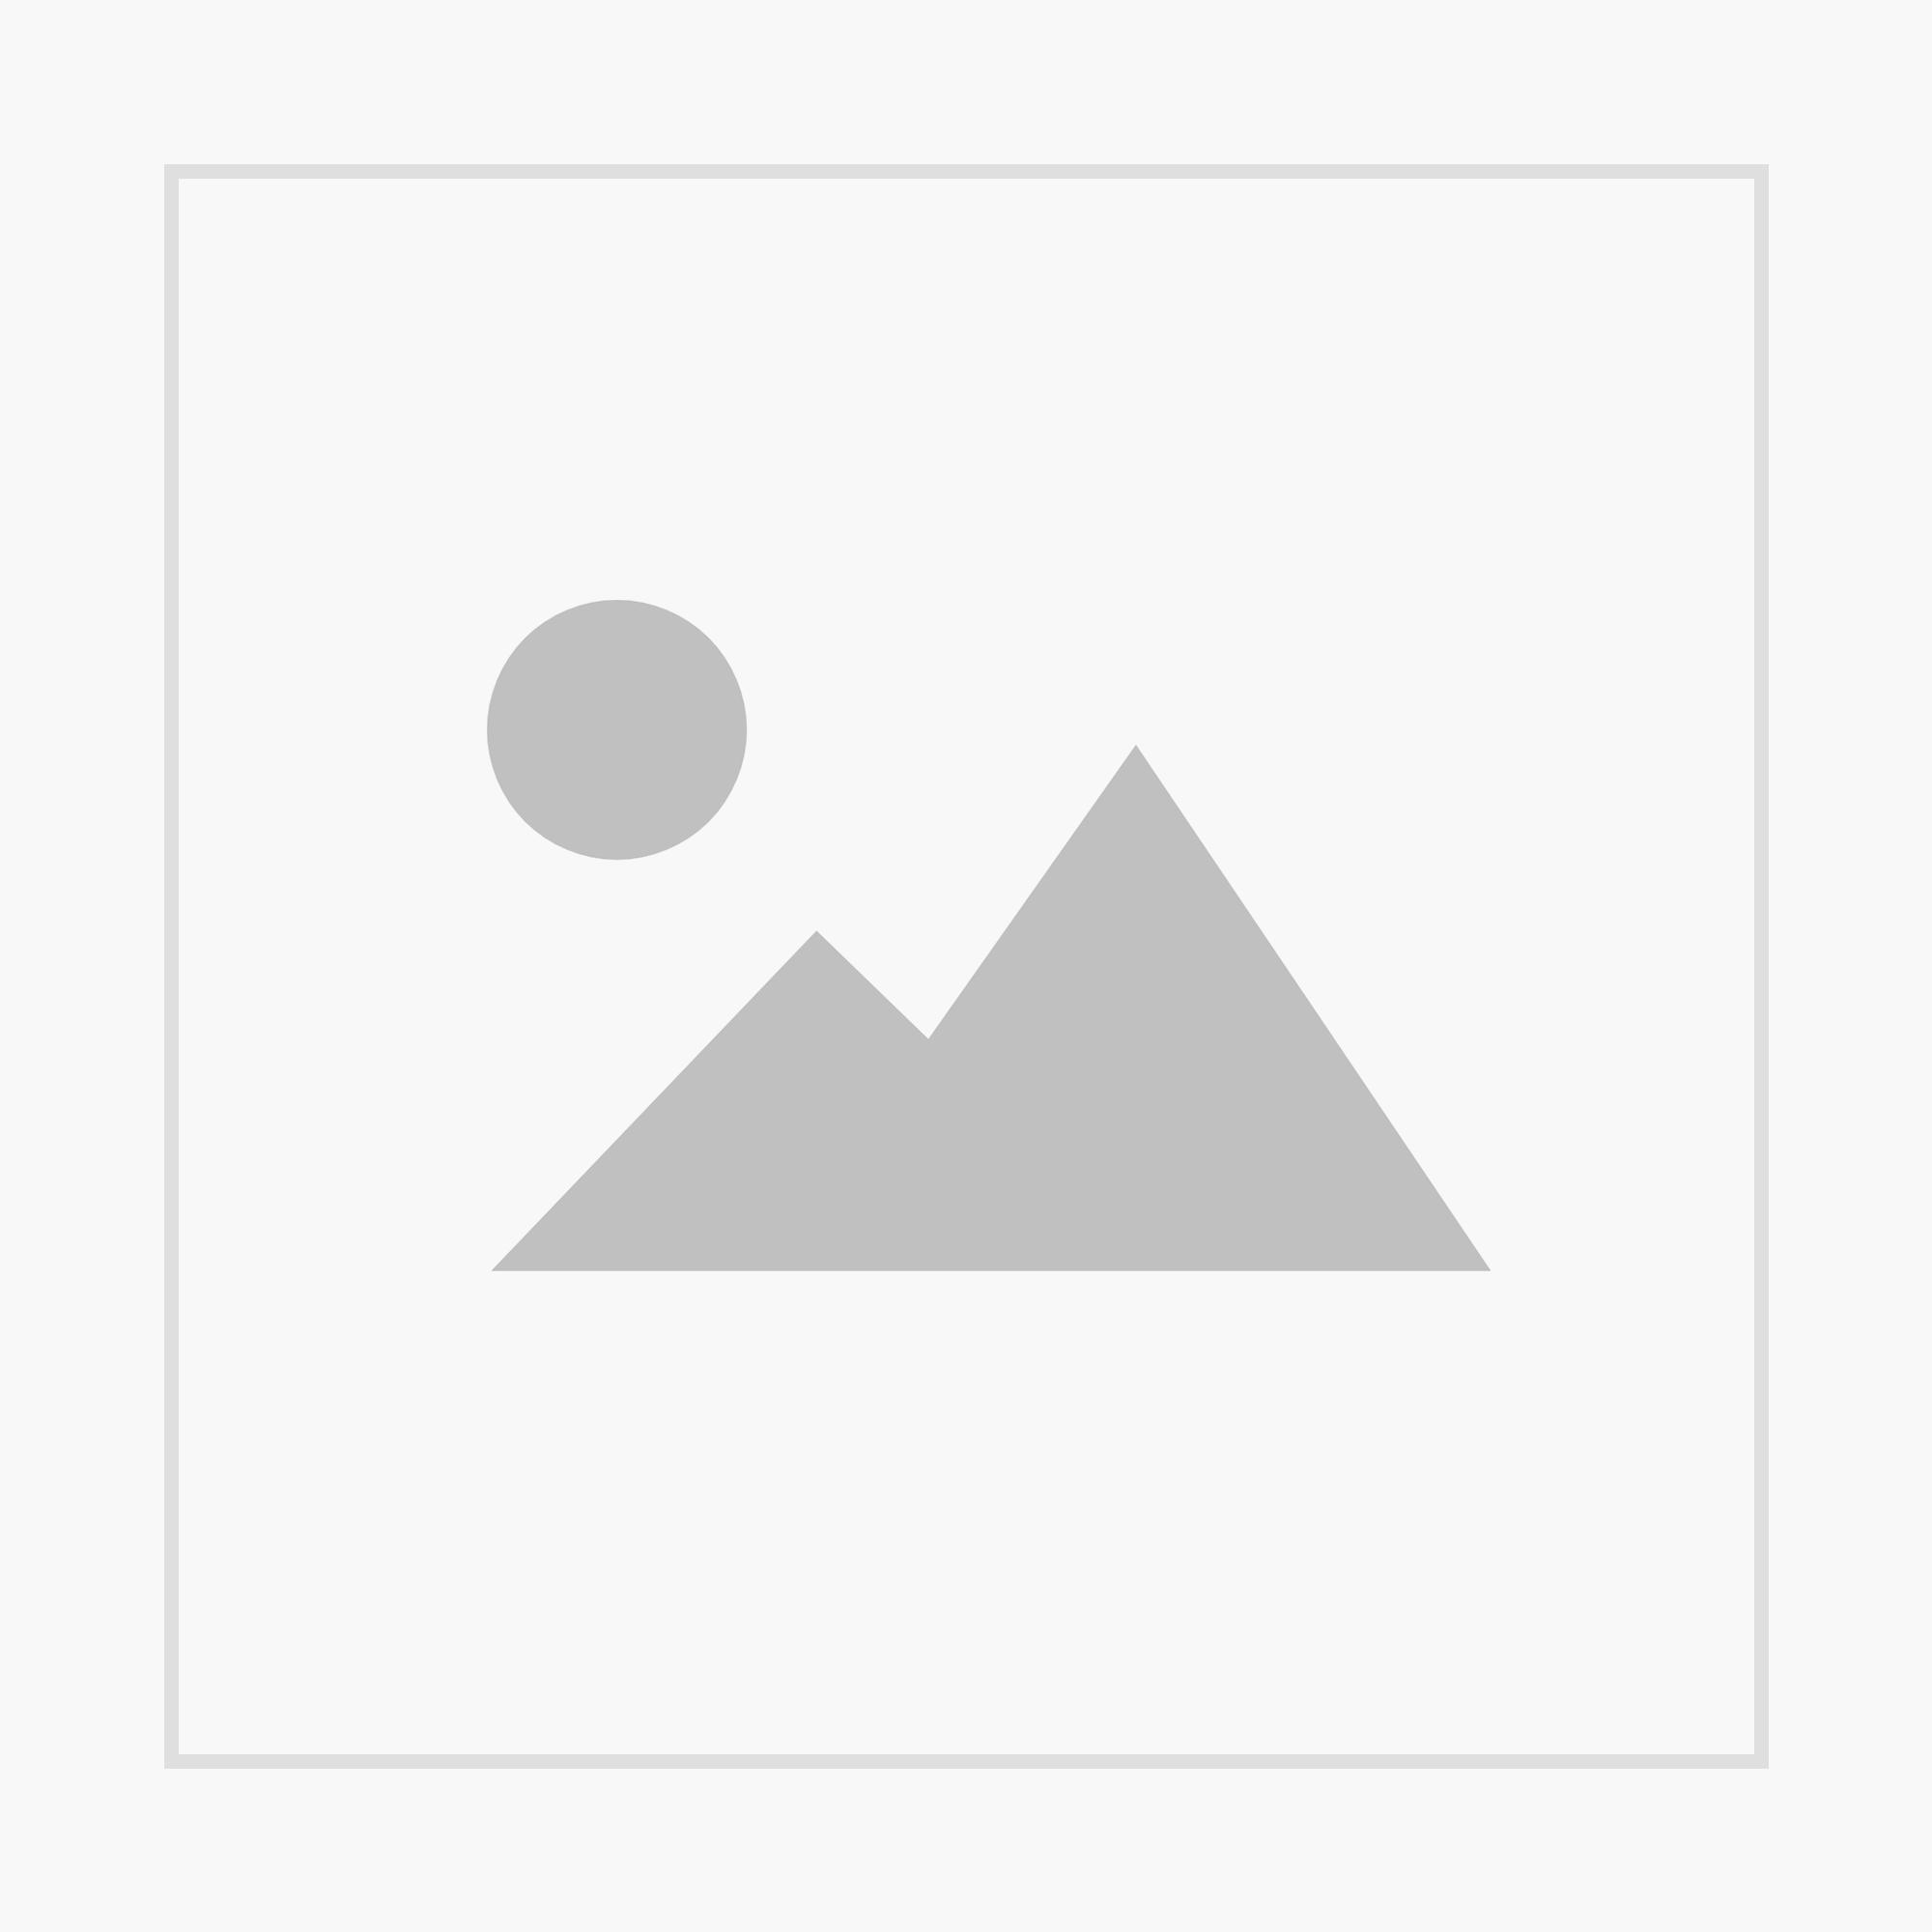 Internationales Aufgabenheft Reiten für nationale und internationale Pferdeleistungsprüfungen